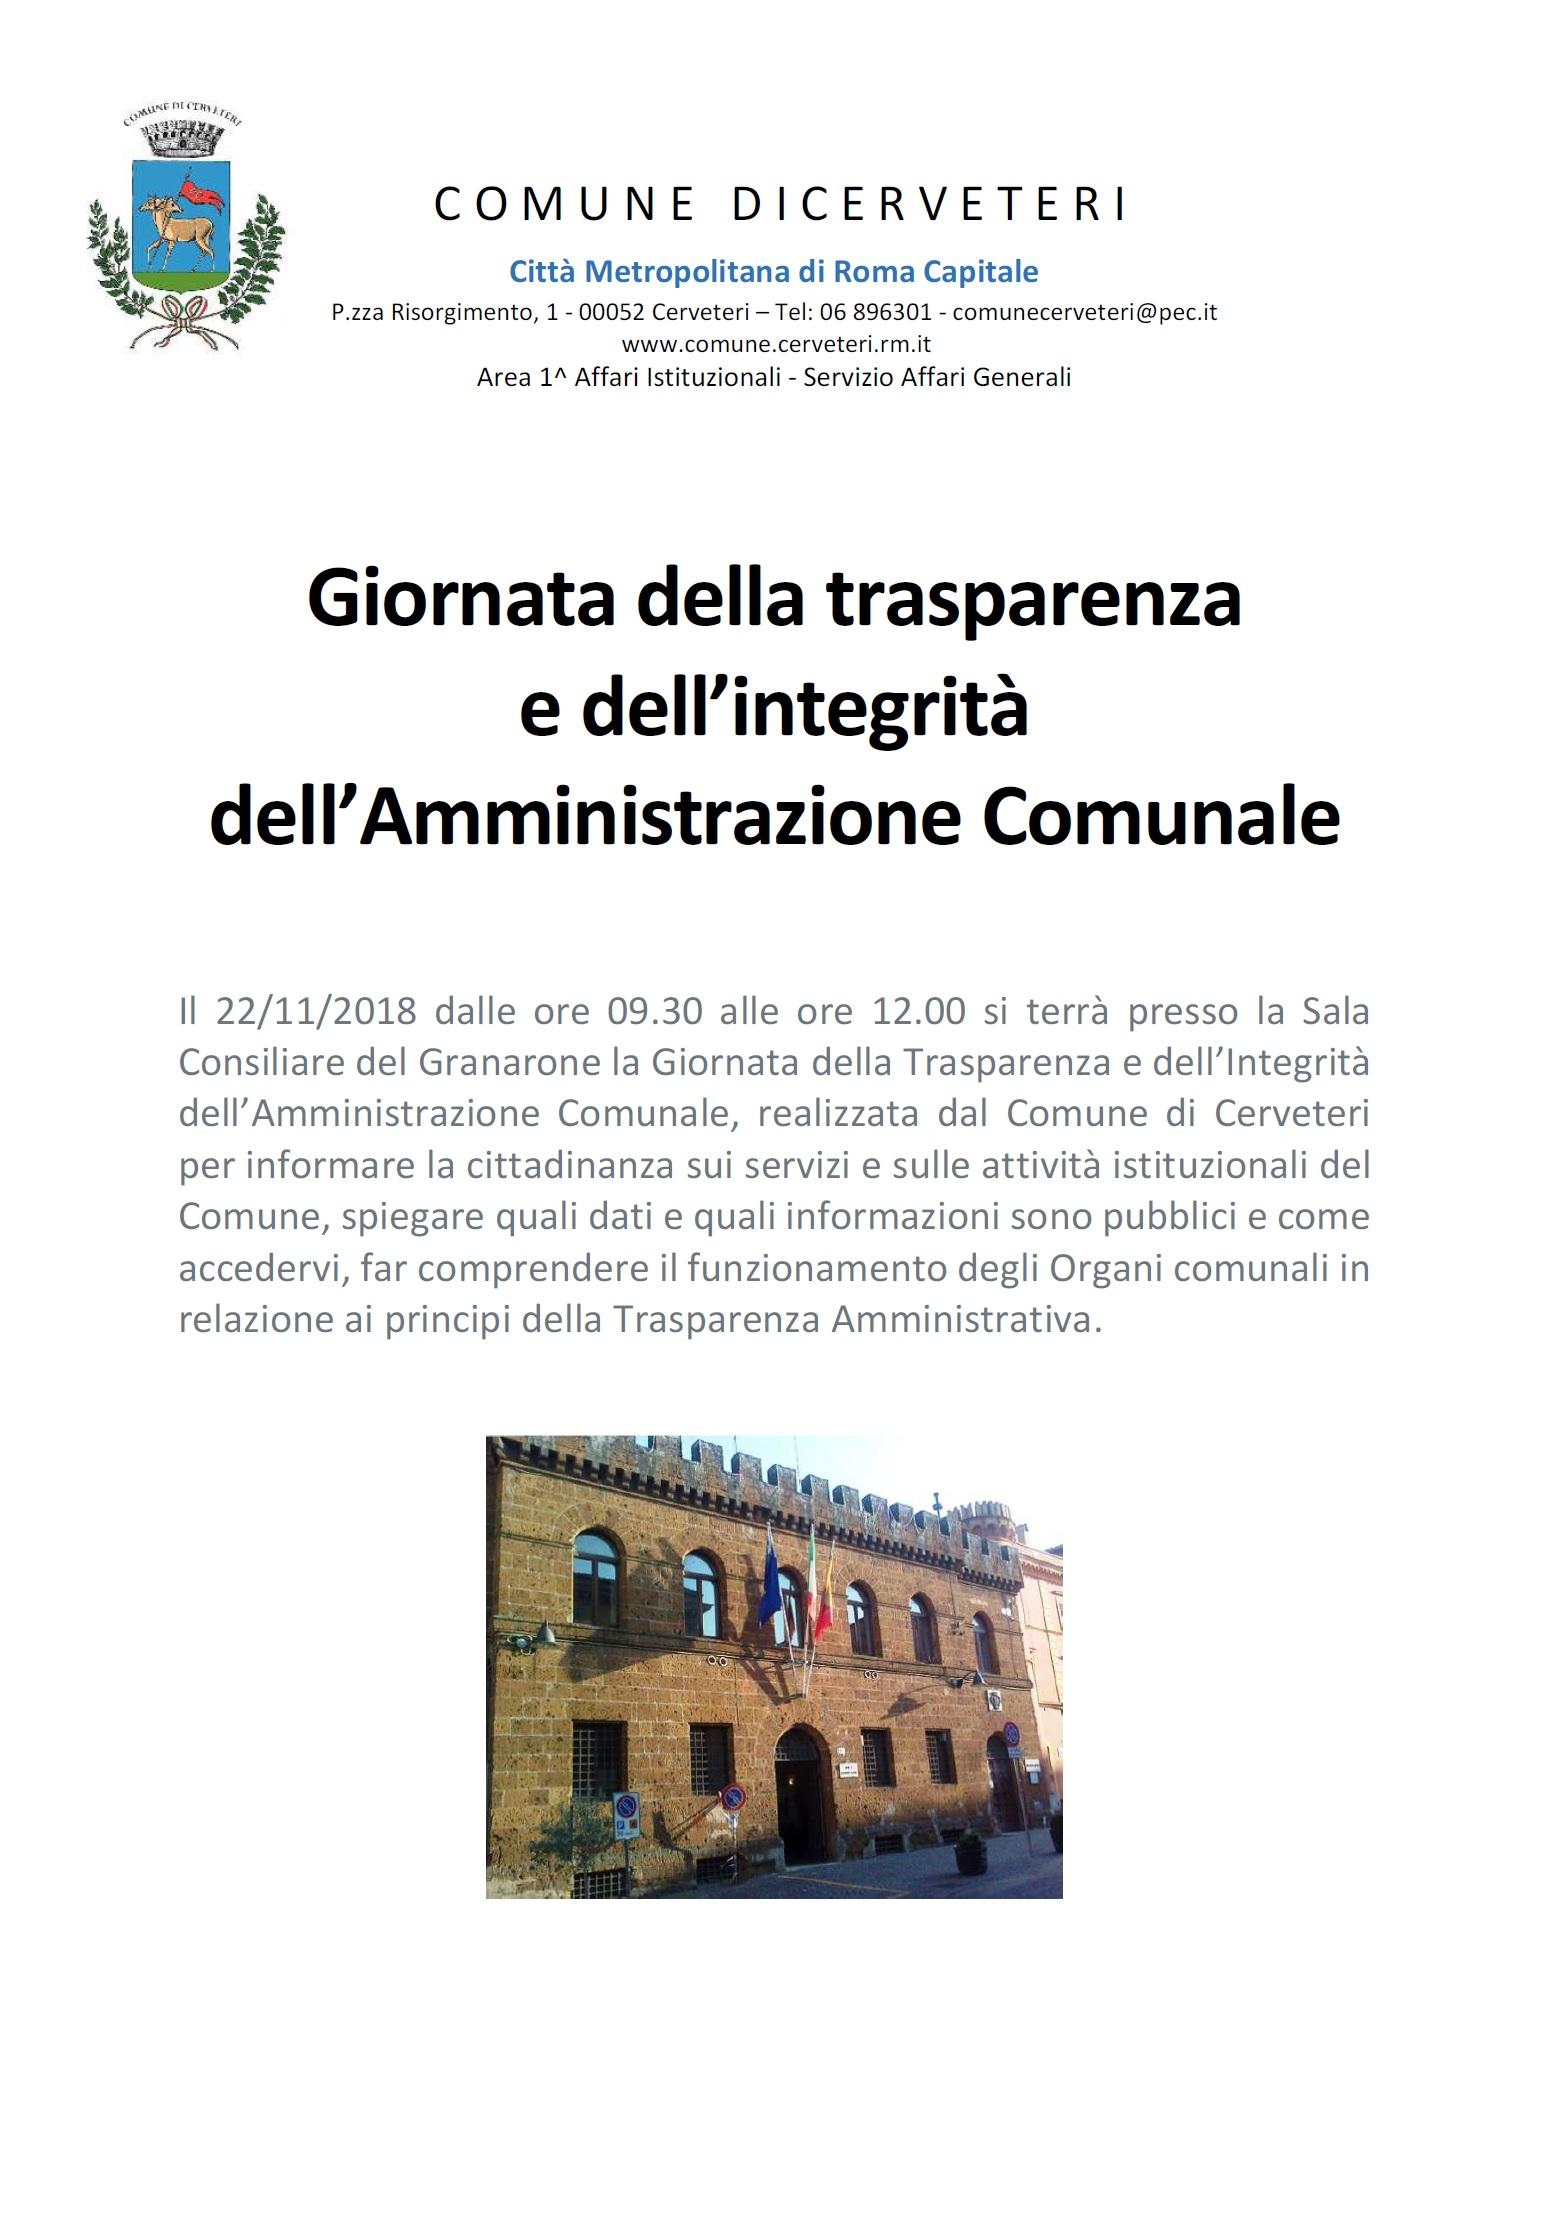 Giornata della Trasparenza e dell' Integrità dell' Amministrazione Comunale